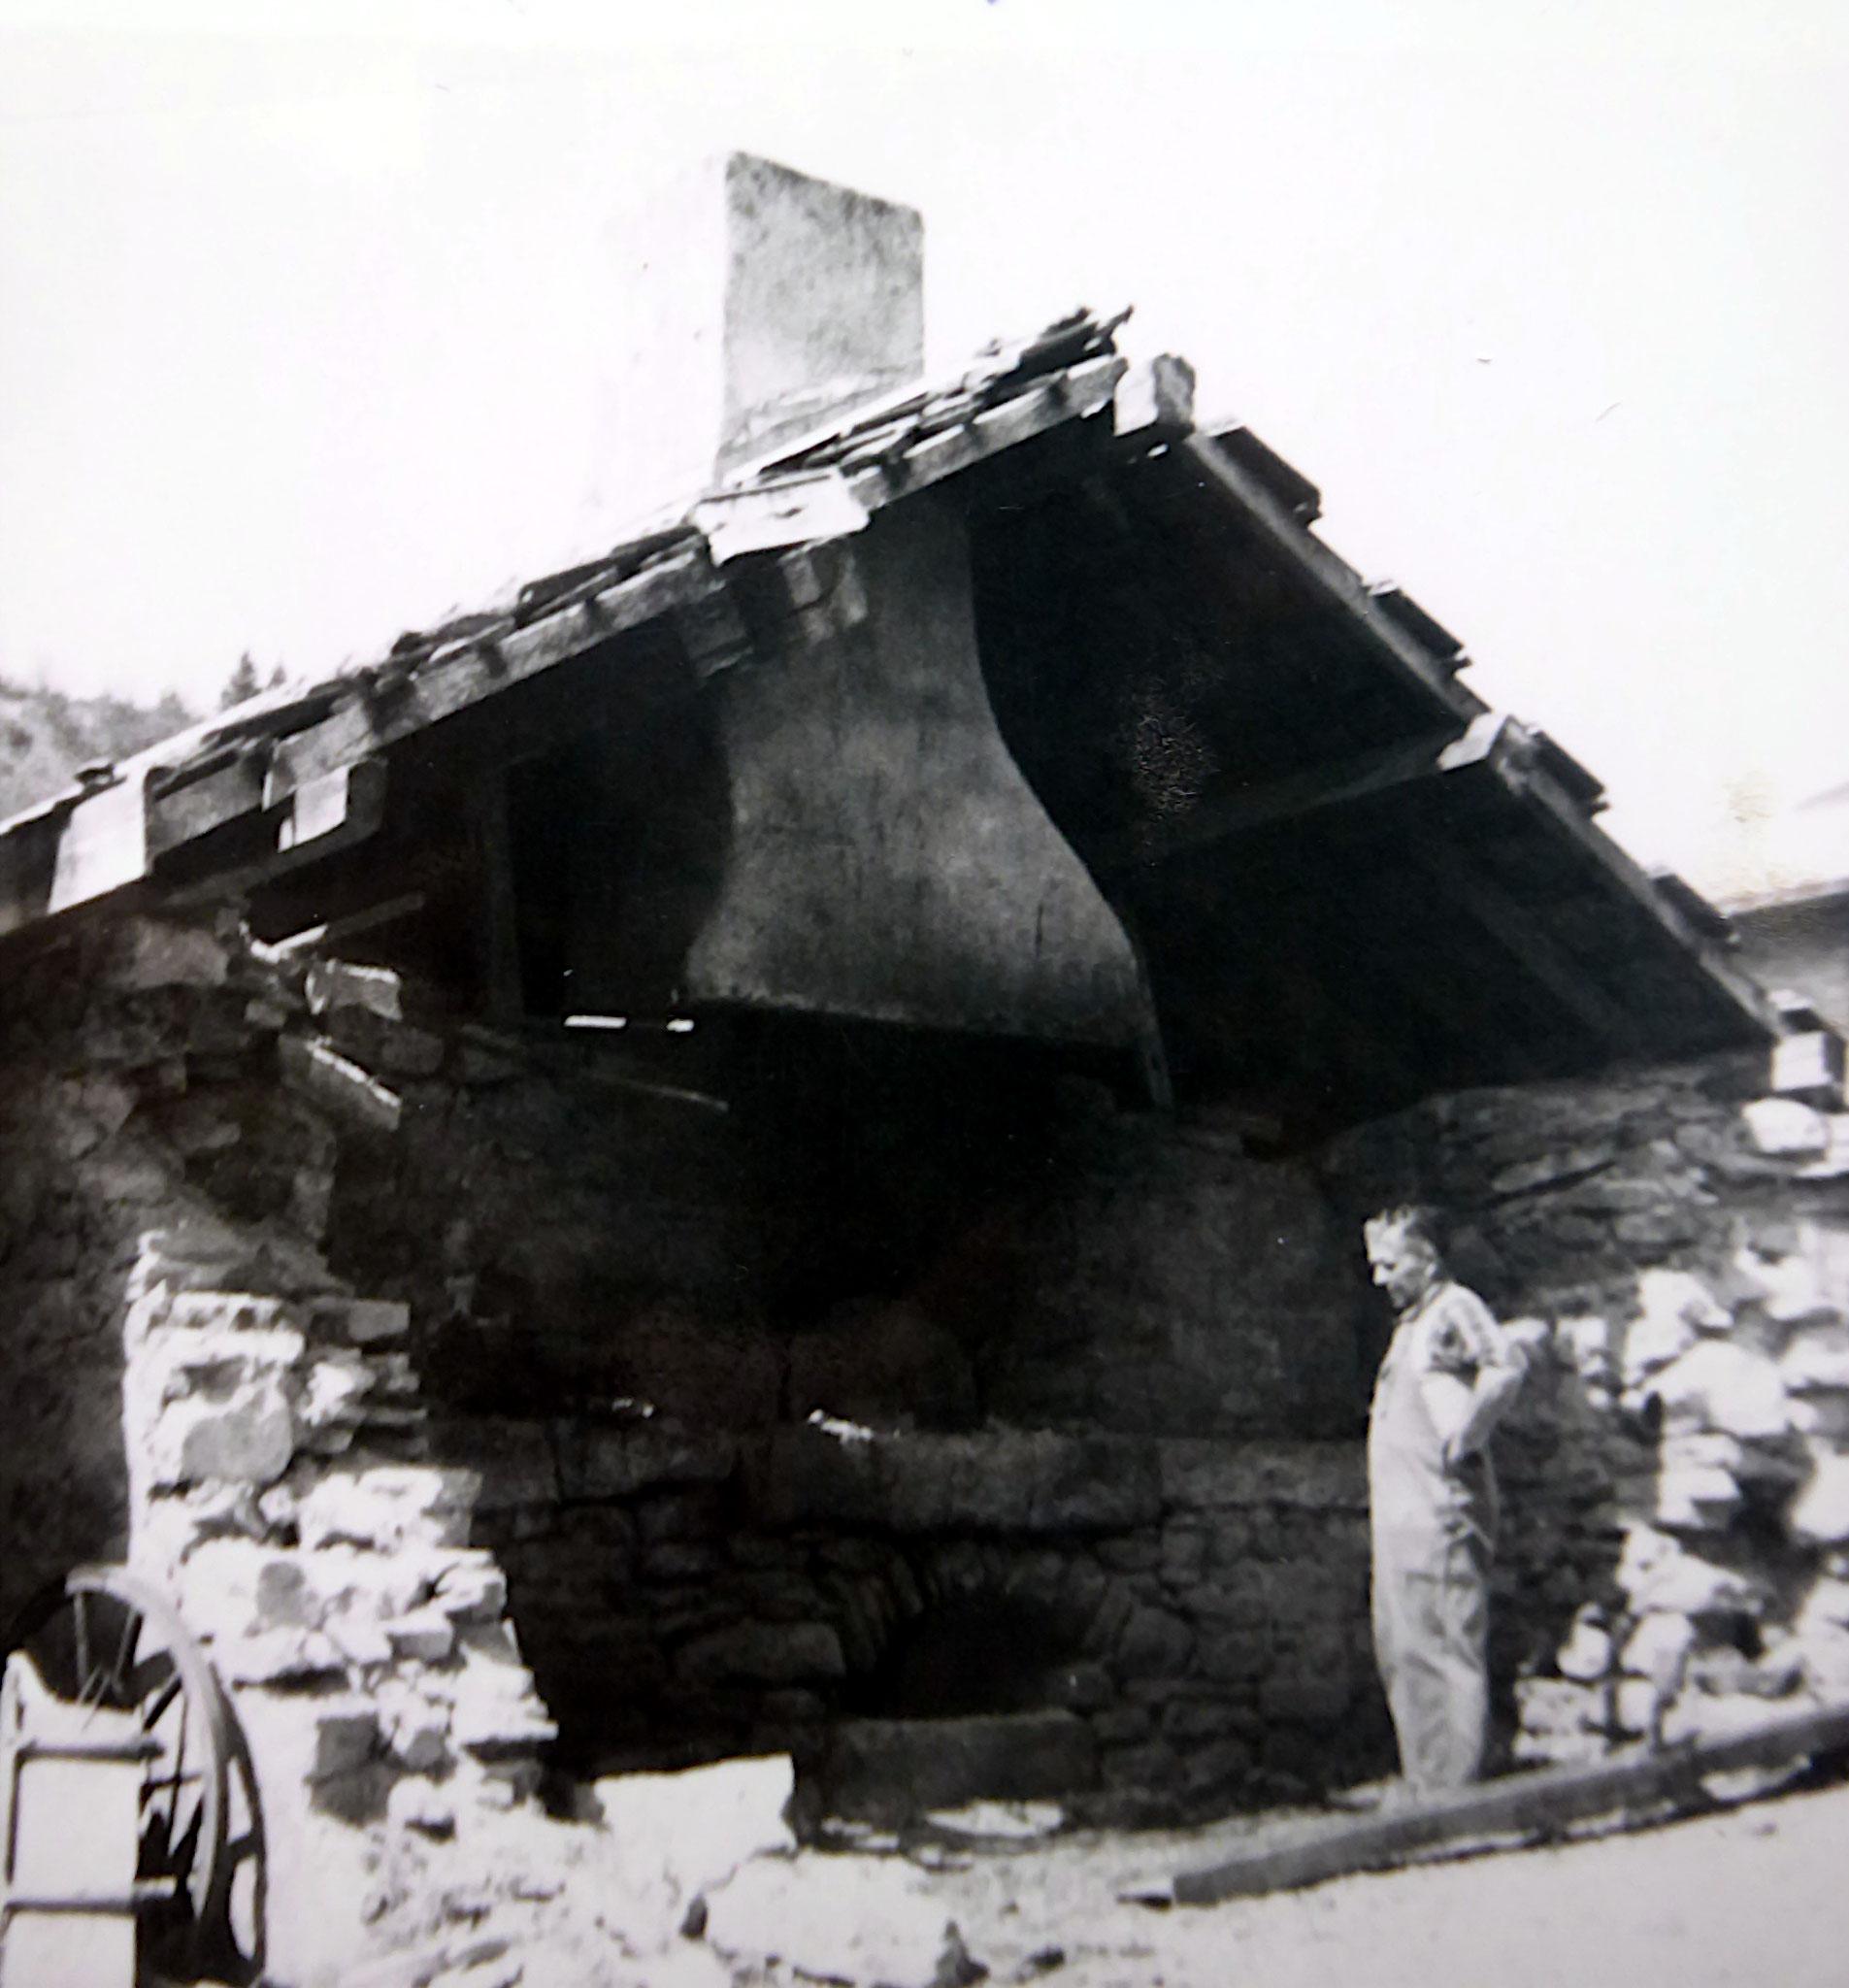 Four disparu de Cléon (Corcelles)